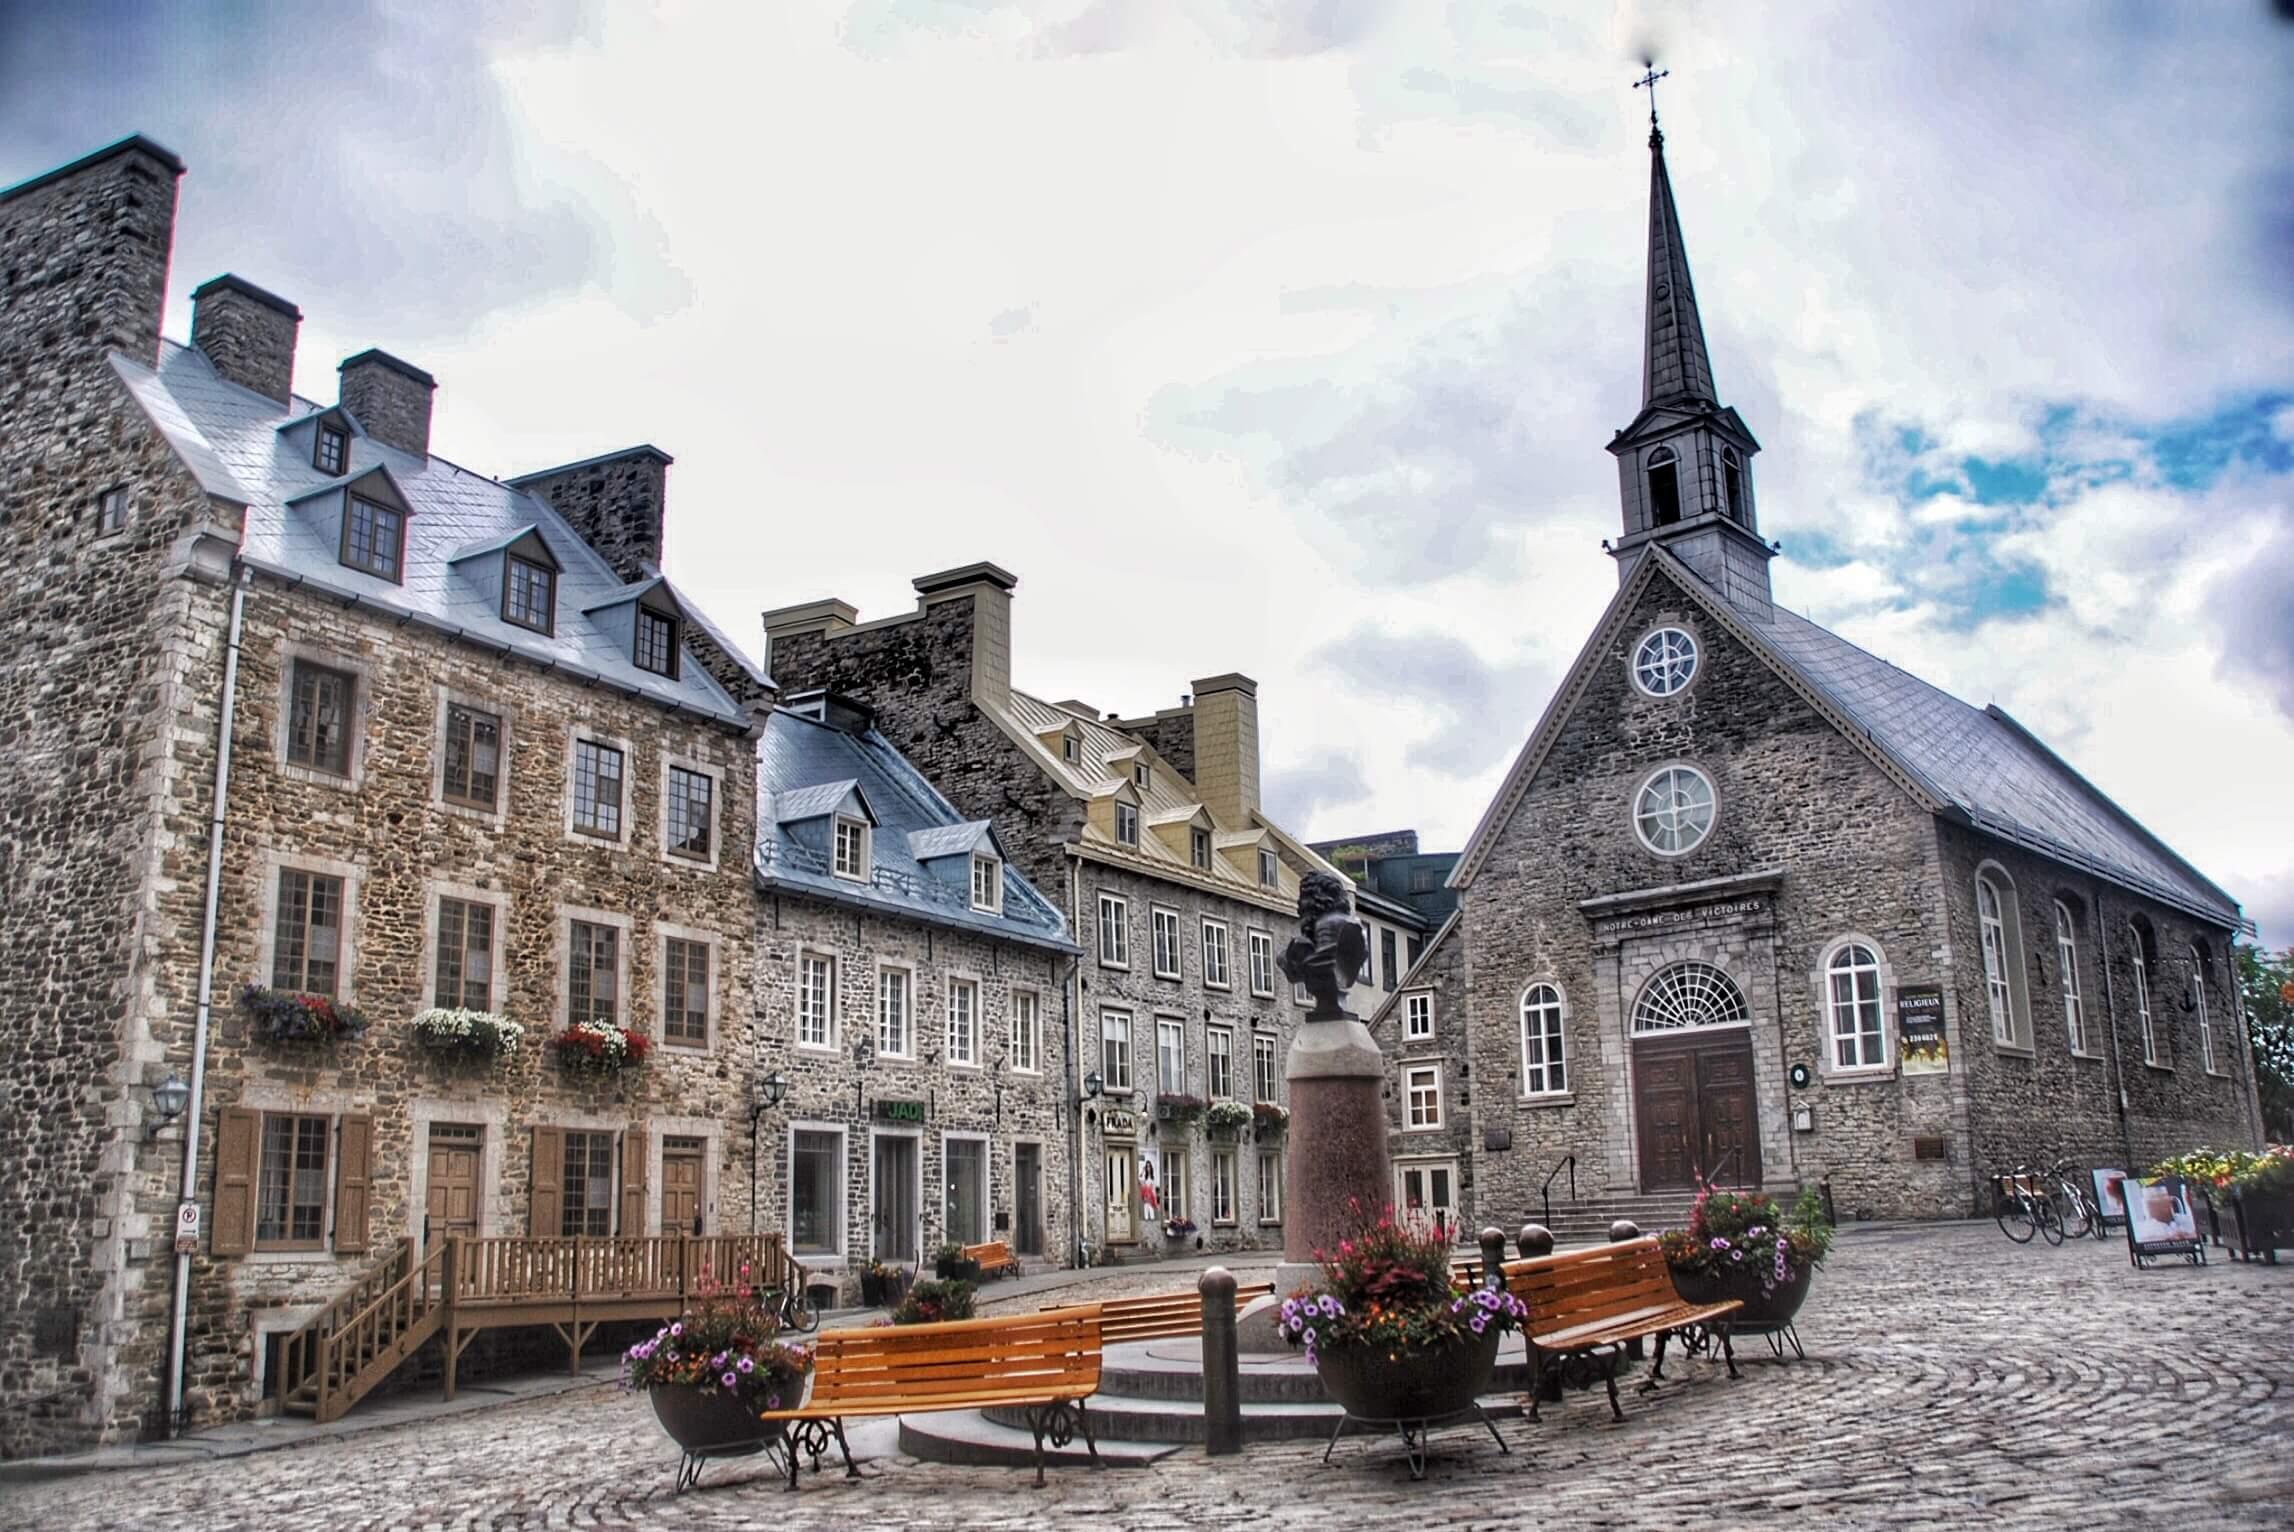 Quebec City Place Royale Church